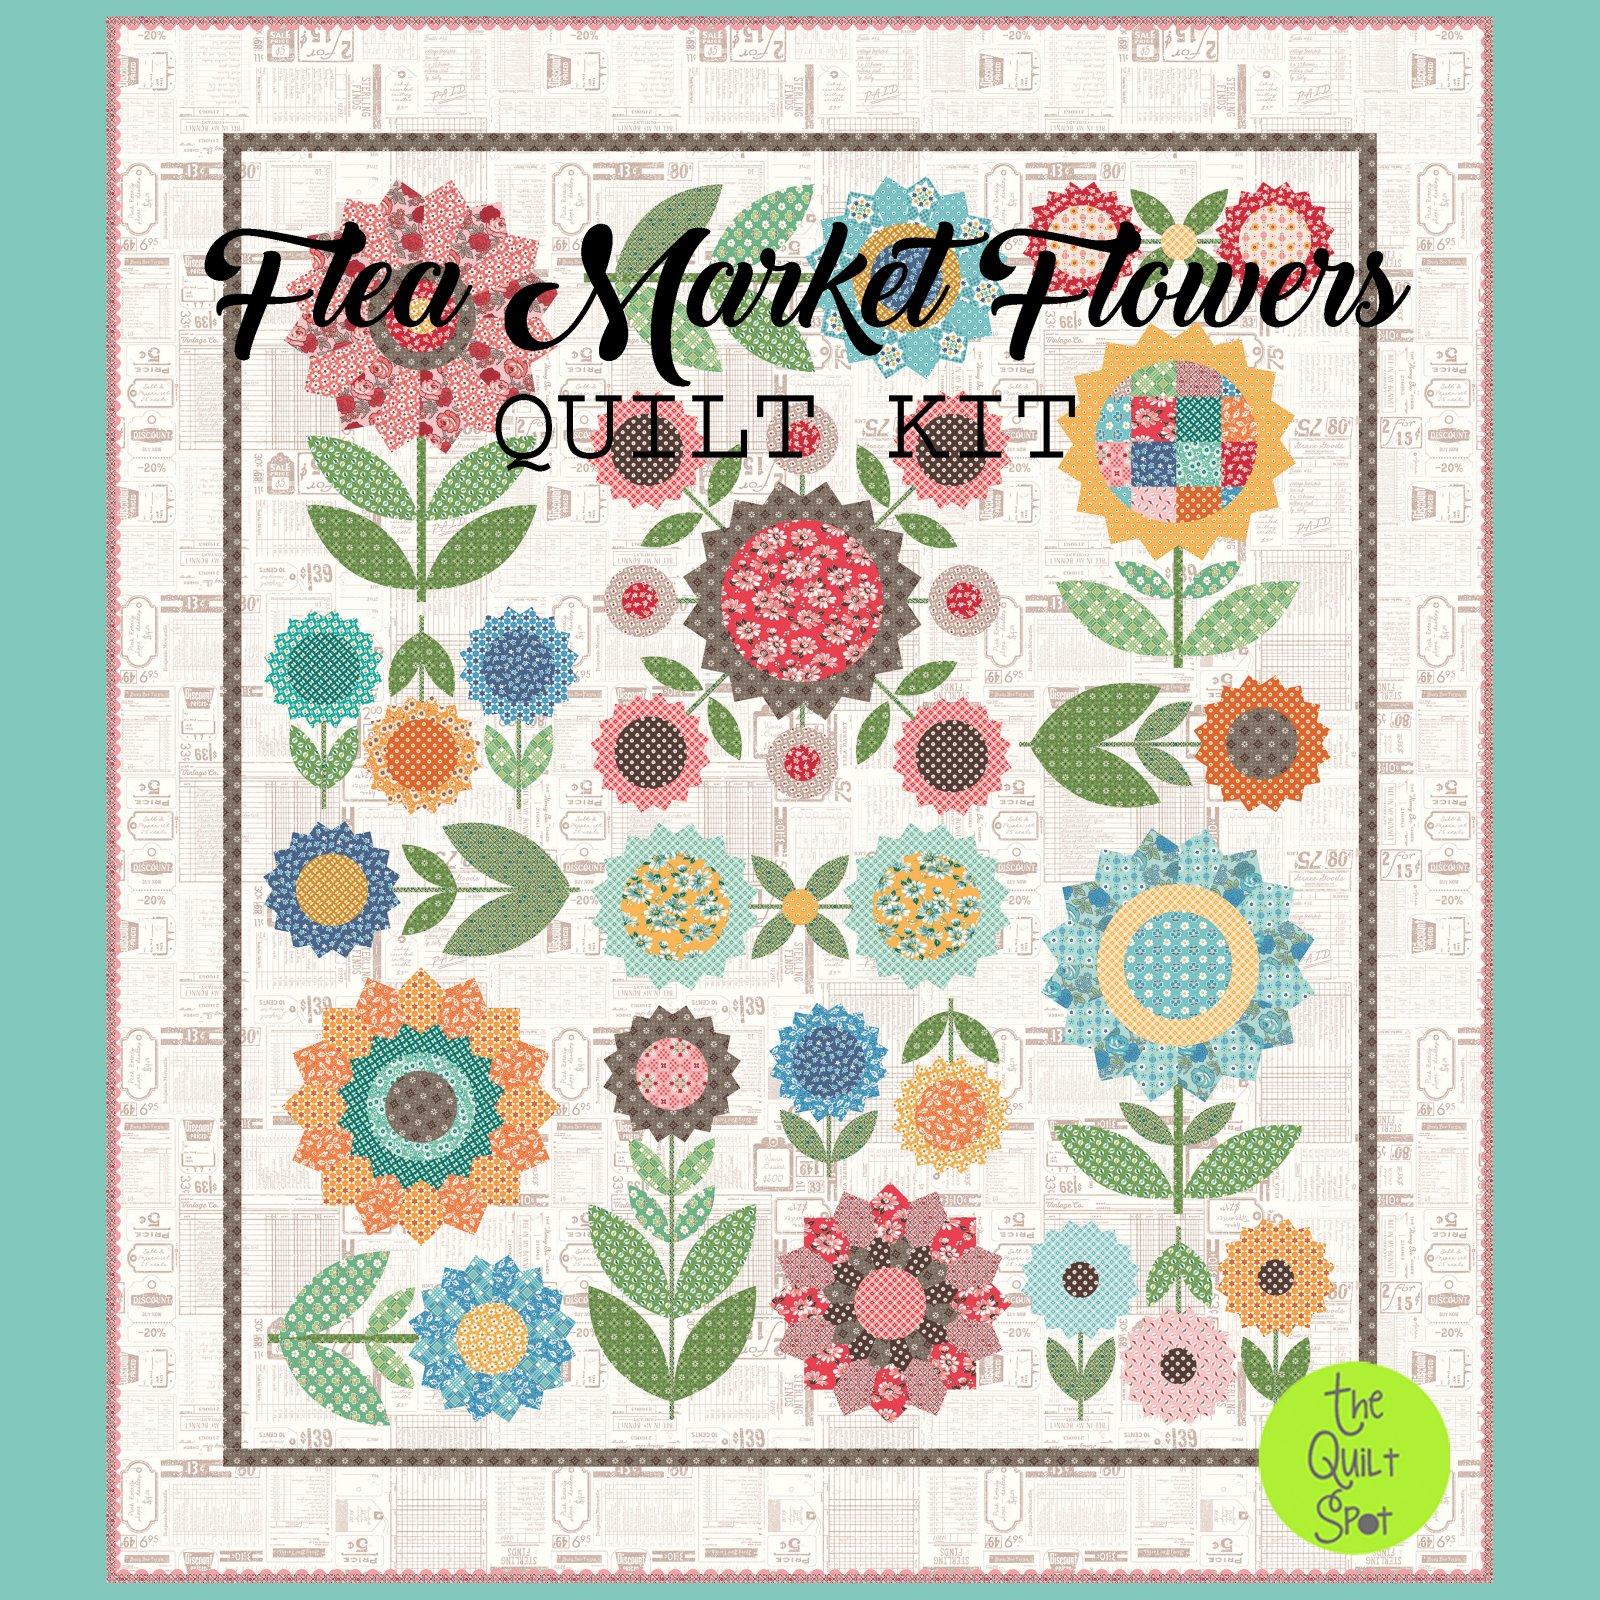 Flea Market Flowers Quilt Kit by Lori Holt